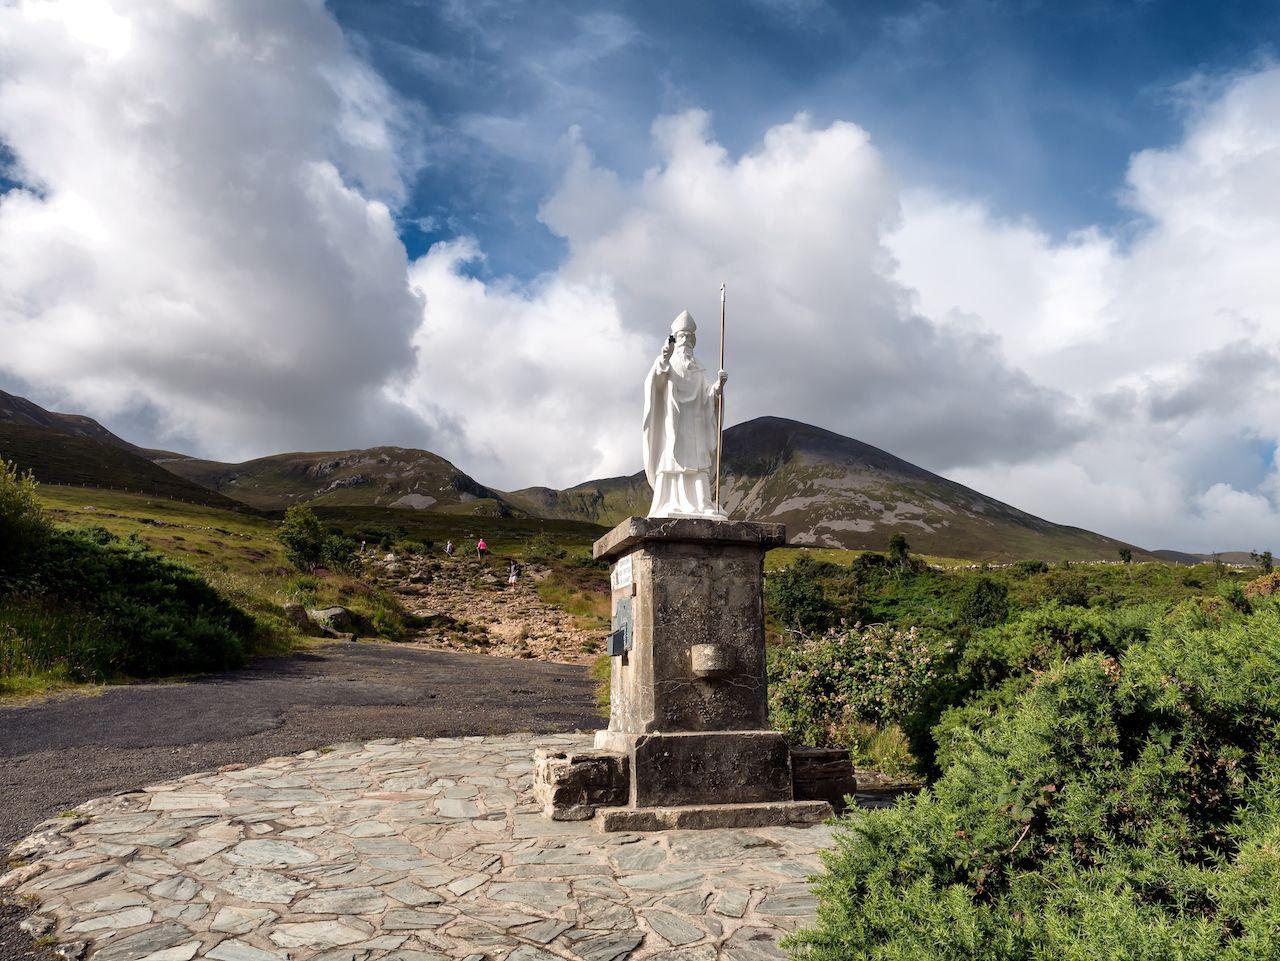 Pathway start with Croke Patrick statue in Westport Ireland